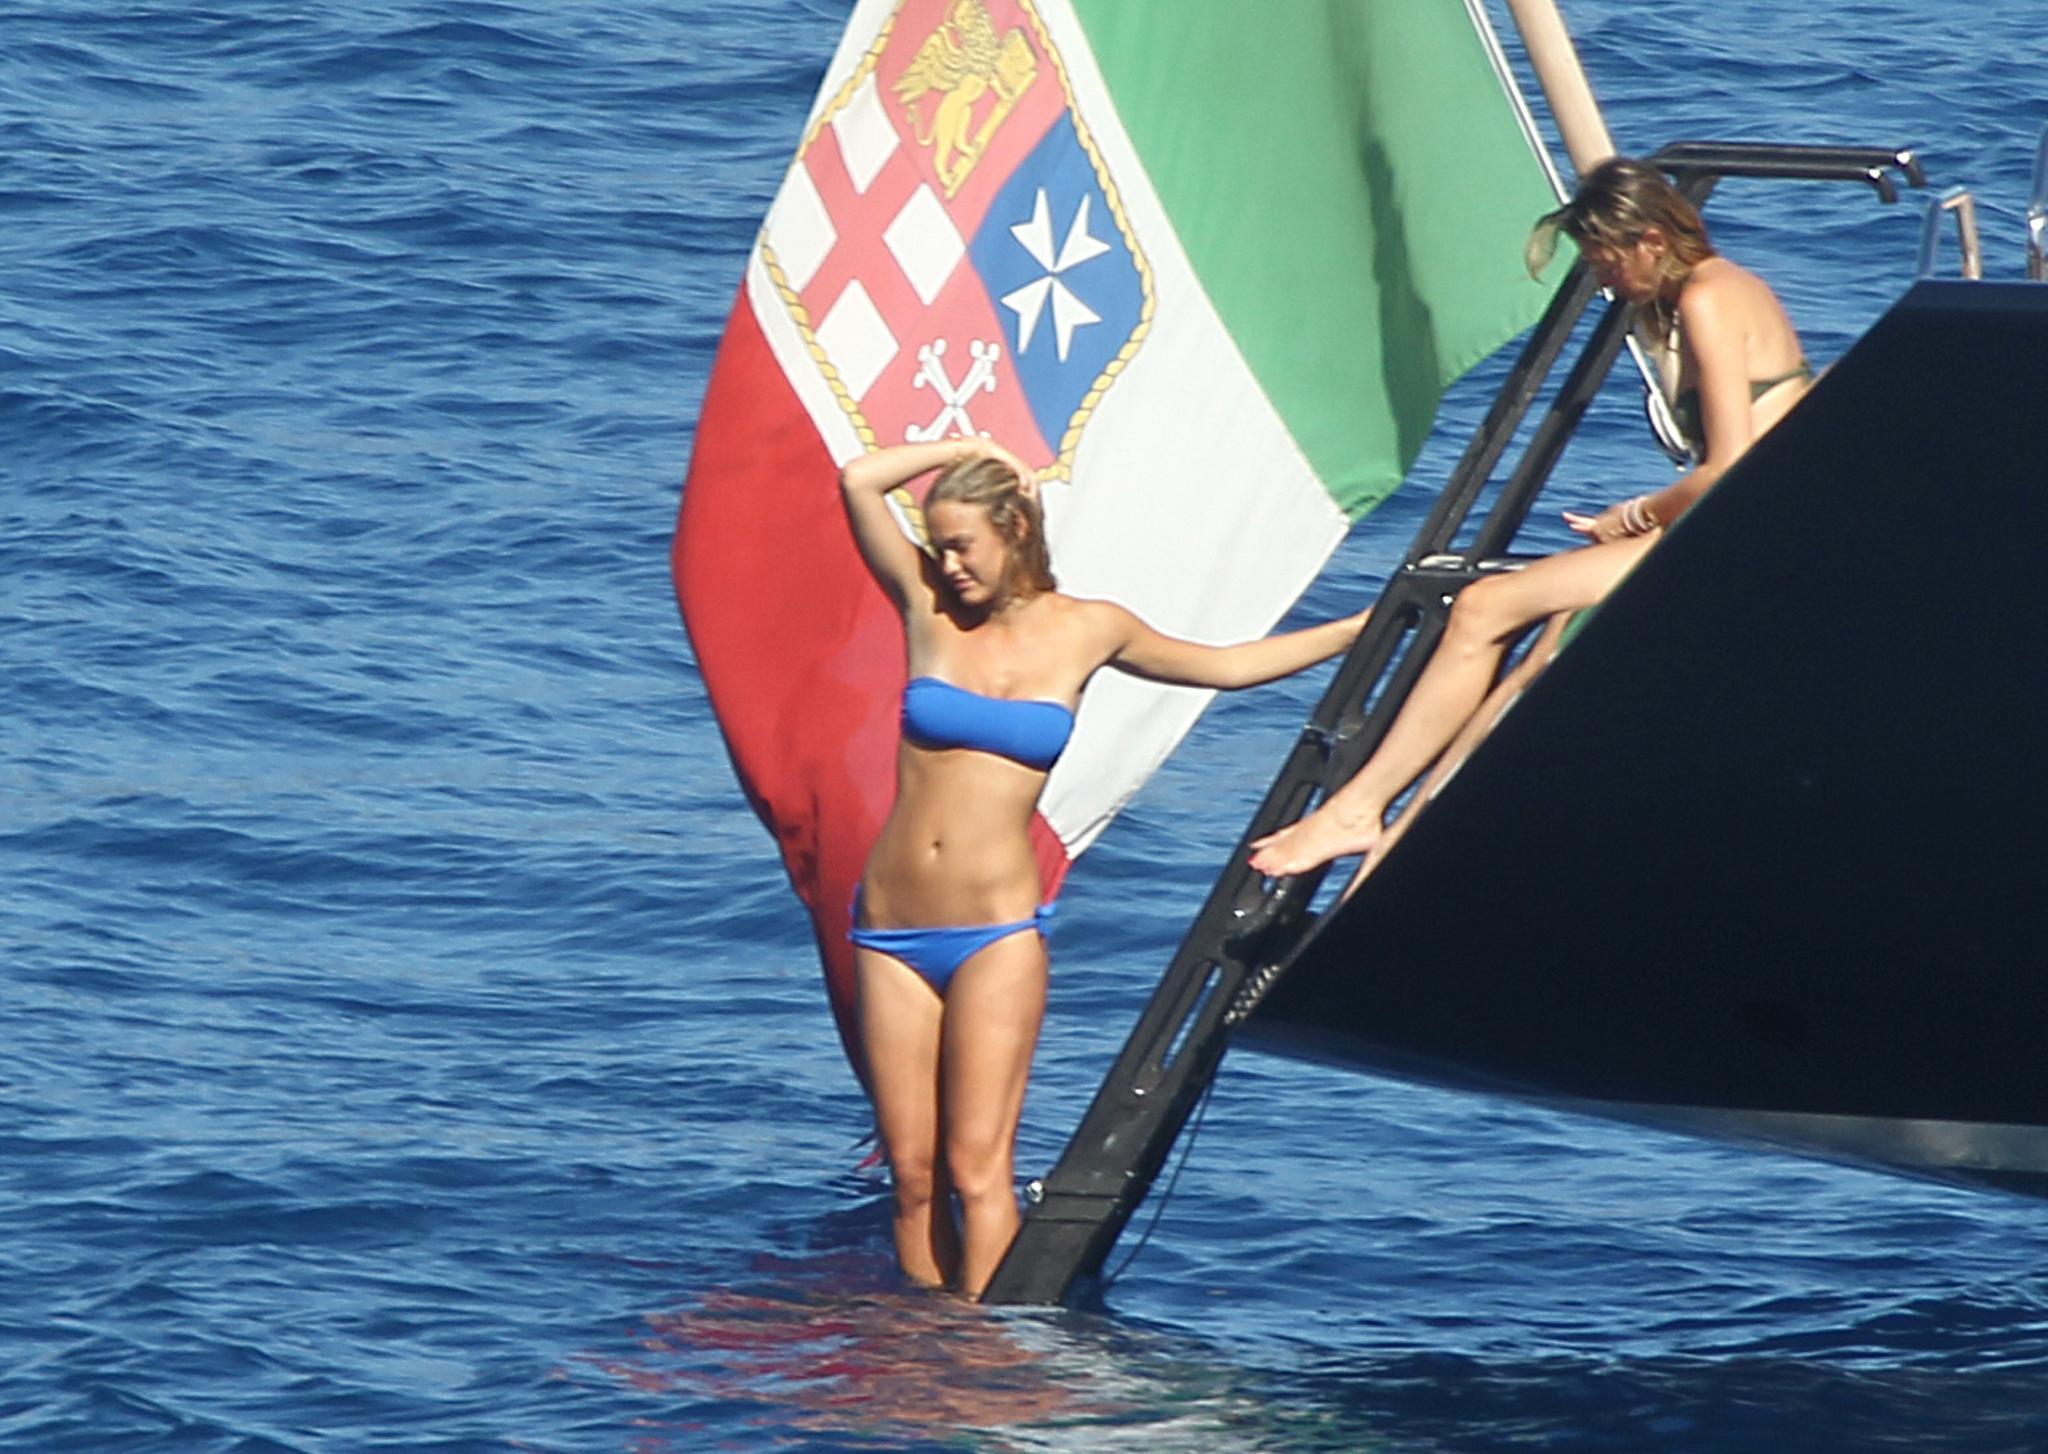 Bar Refaeli klettert vorsichtig von ihrer Segeljacht ins Wasser. Die Meernixe hat es gut: Bei Portofino gibt es keine schönen Strände, nur spektakuläre Küstenlandschaft.